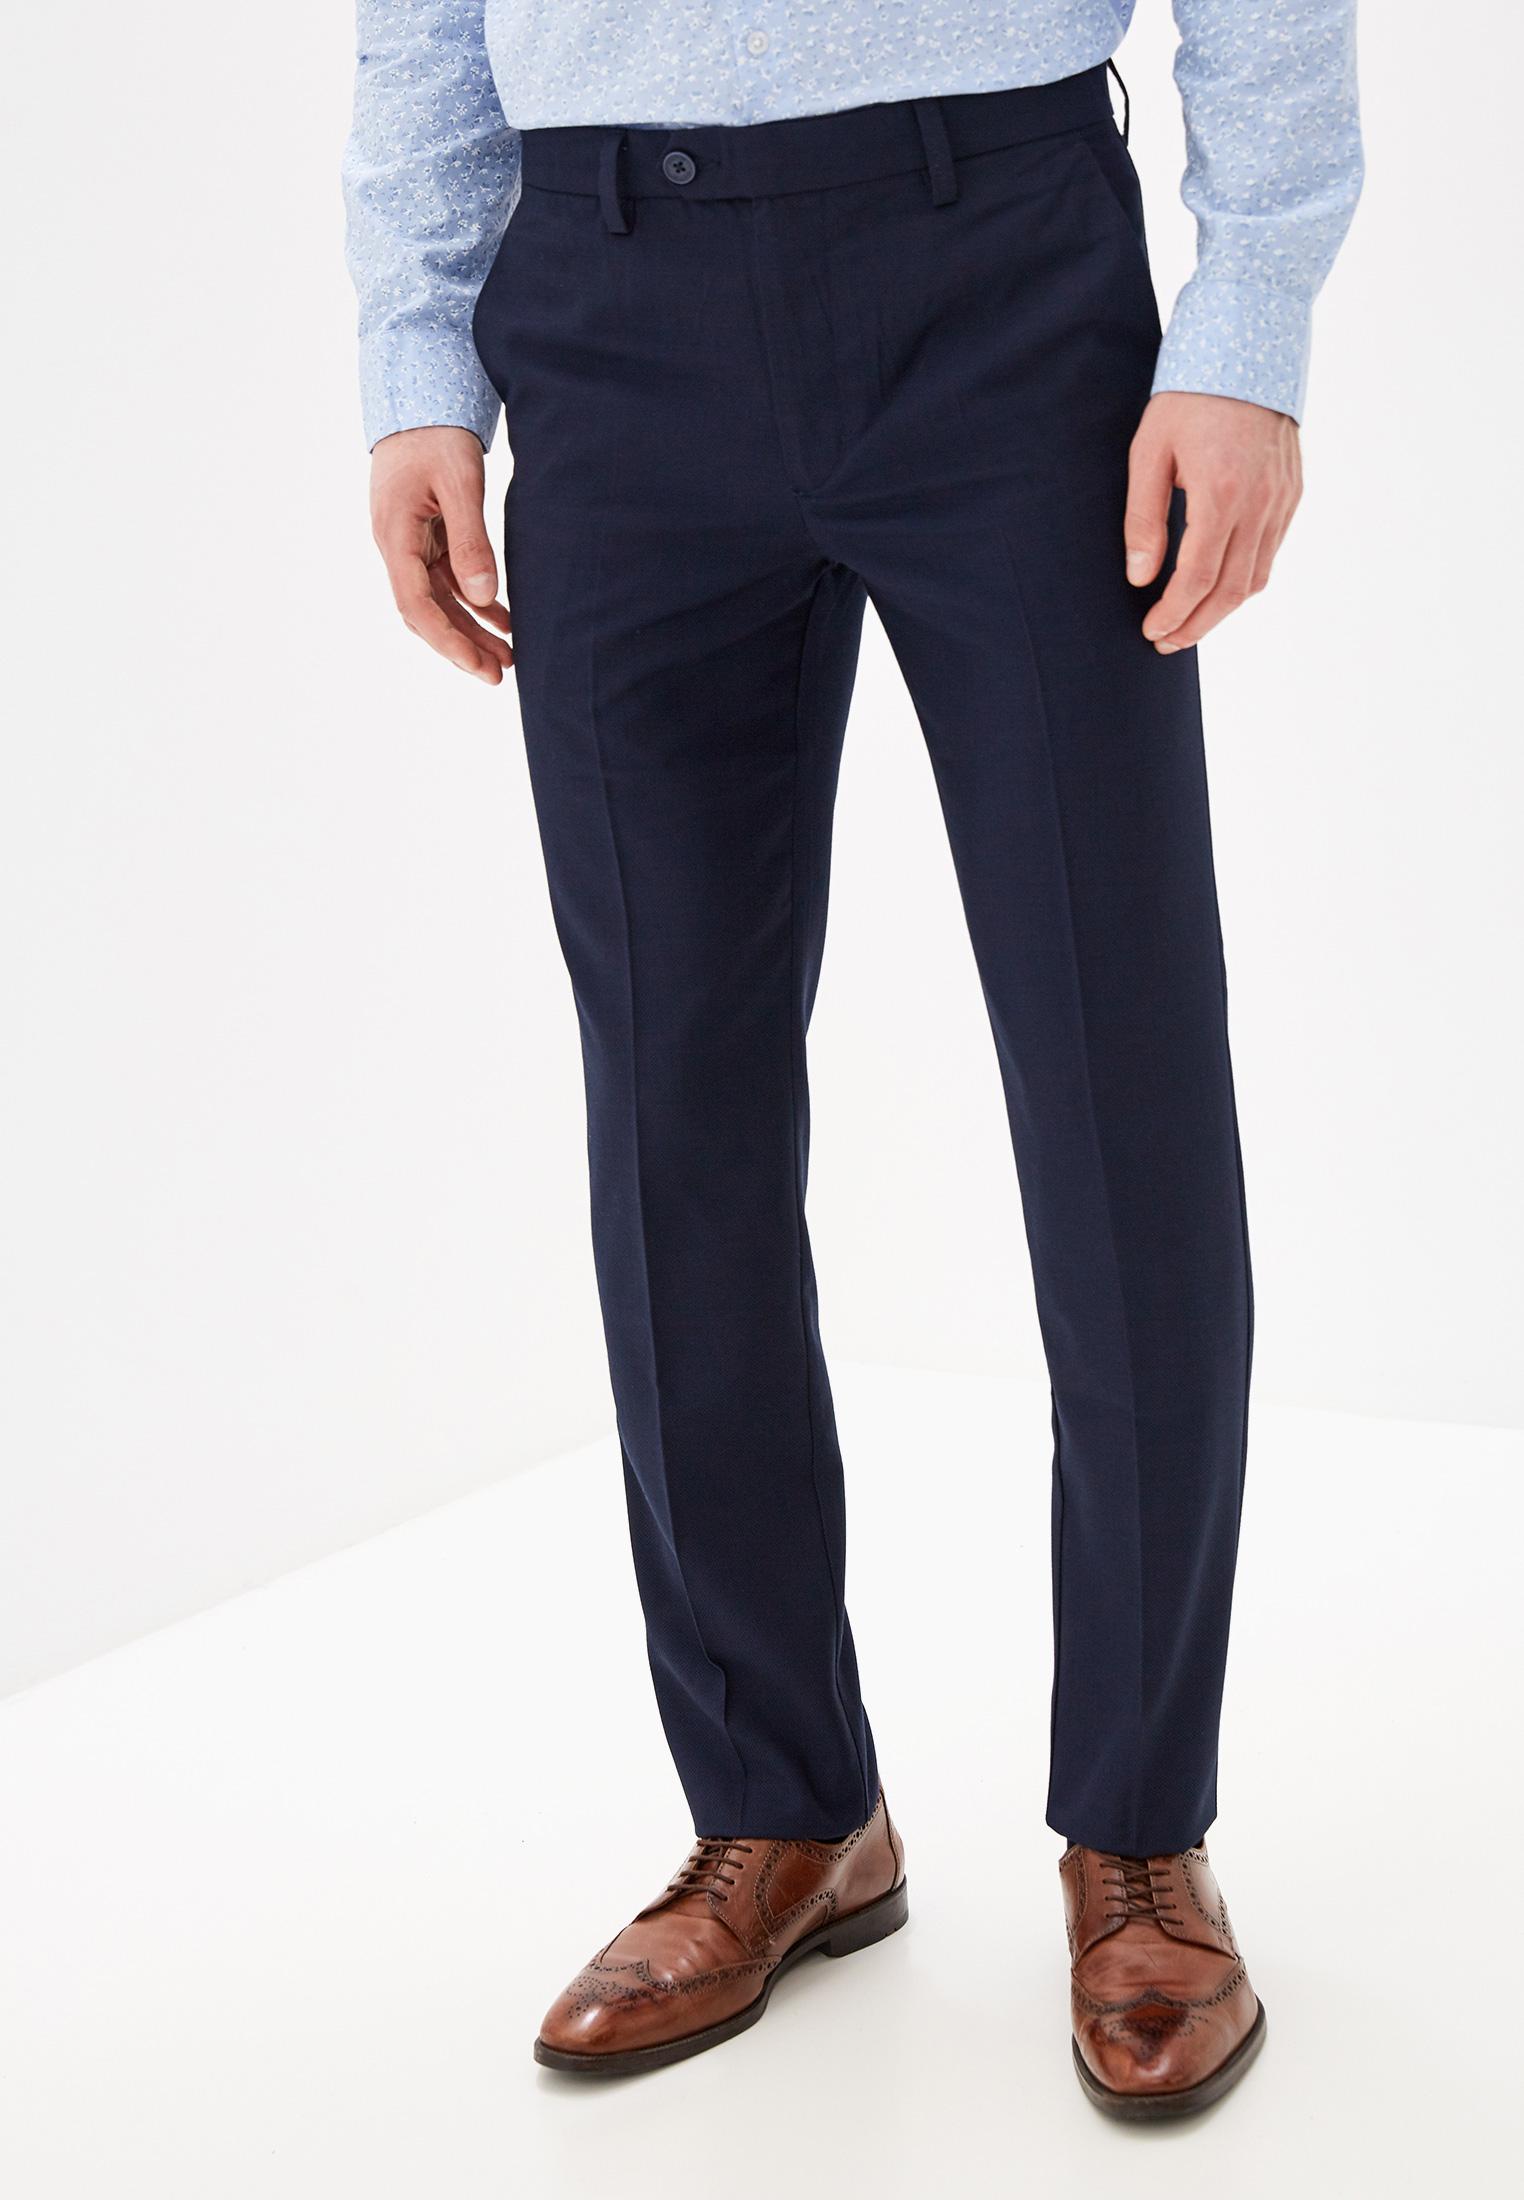 Мужские классические брюки O'stin MP4V45